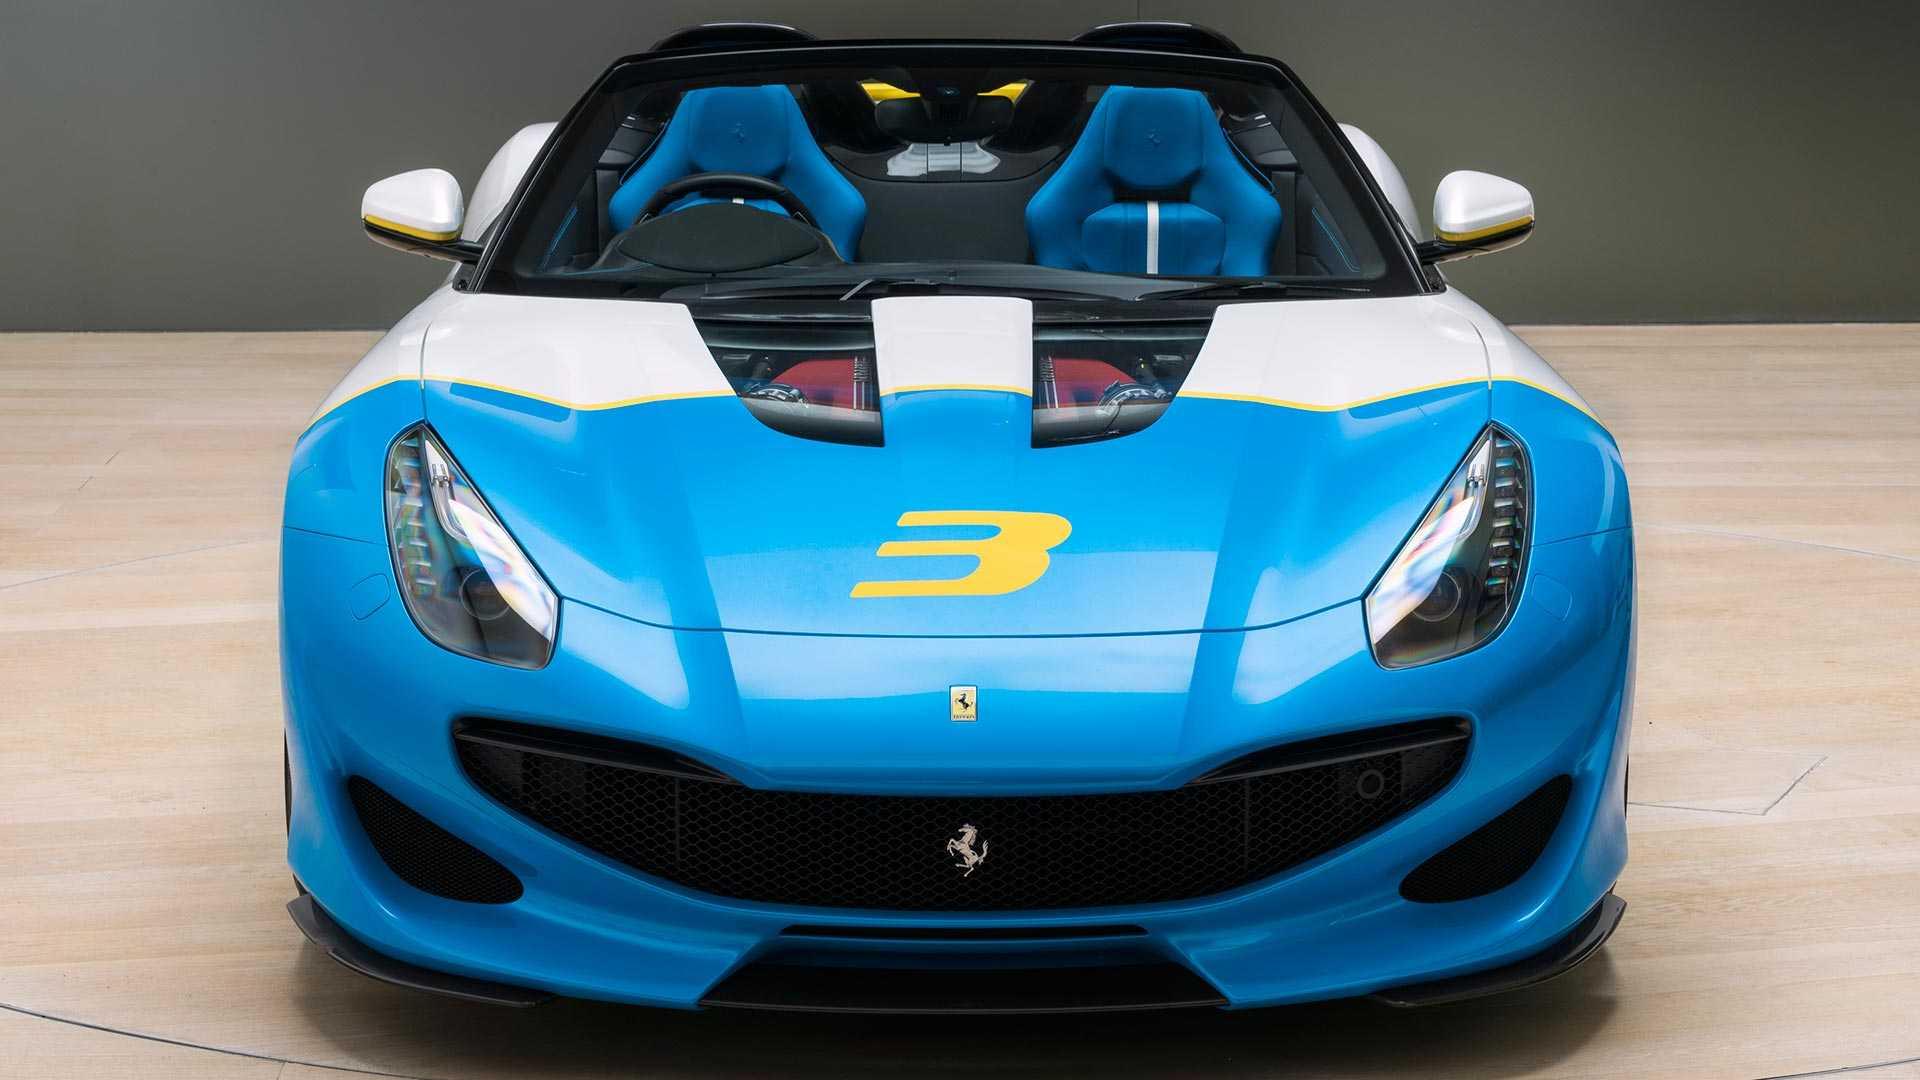 Ferrari показала эксклюзивный родстер SP3JC 1